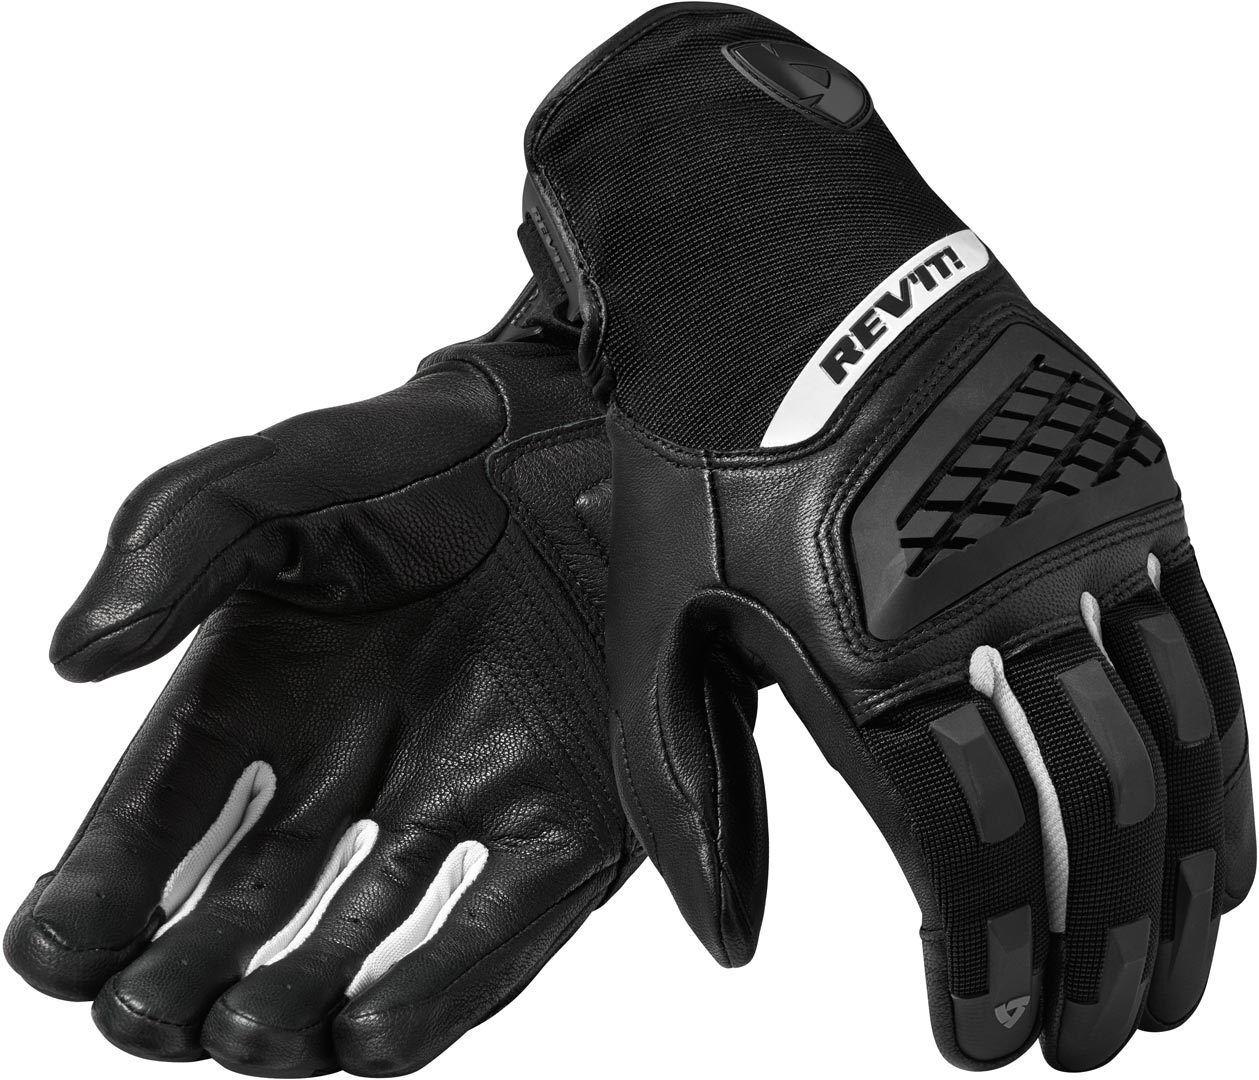 Revit Neutron 3 Gants de motocross Noir Blanc taille : 2XL